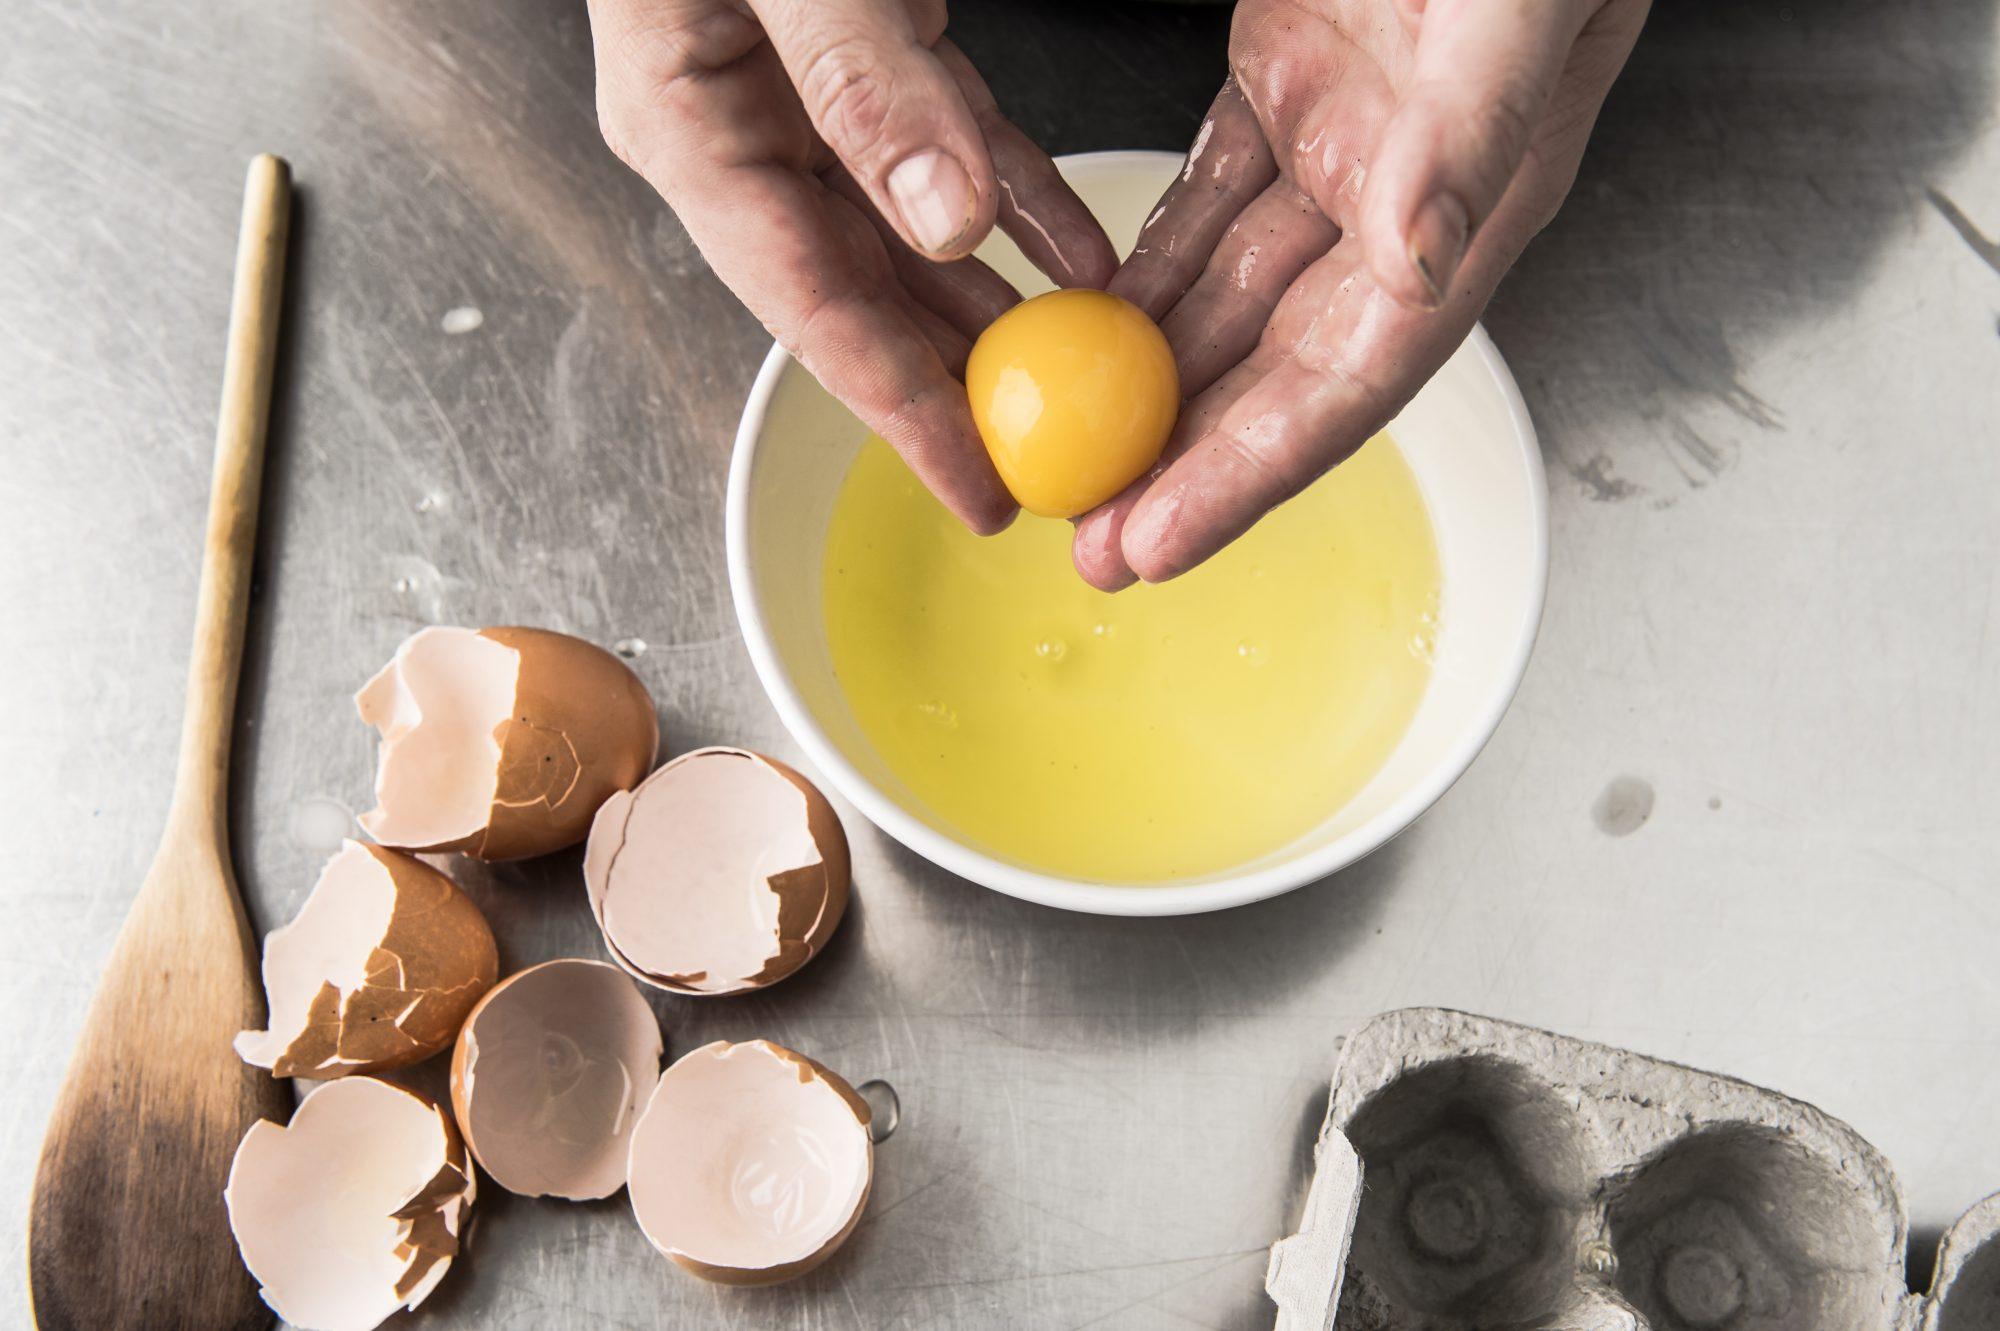 Egg Yolk Getty 3/26/20